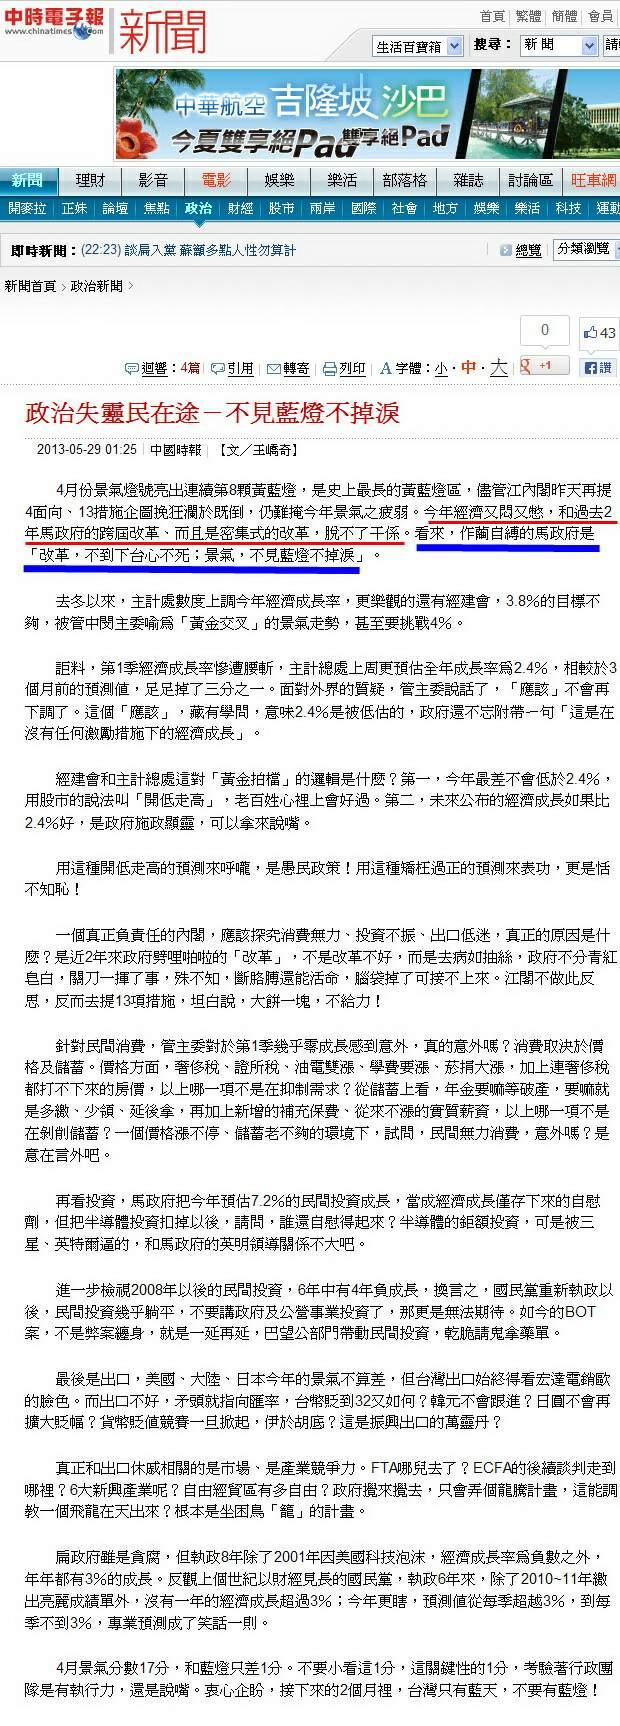 政治失靈民在途-不見藍燈不掉淚-2013.05.29